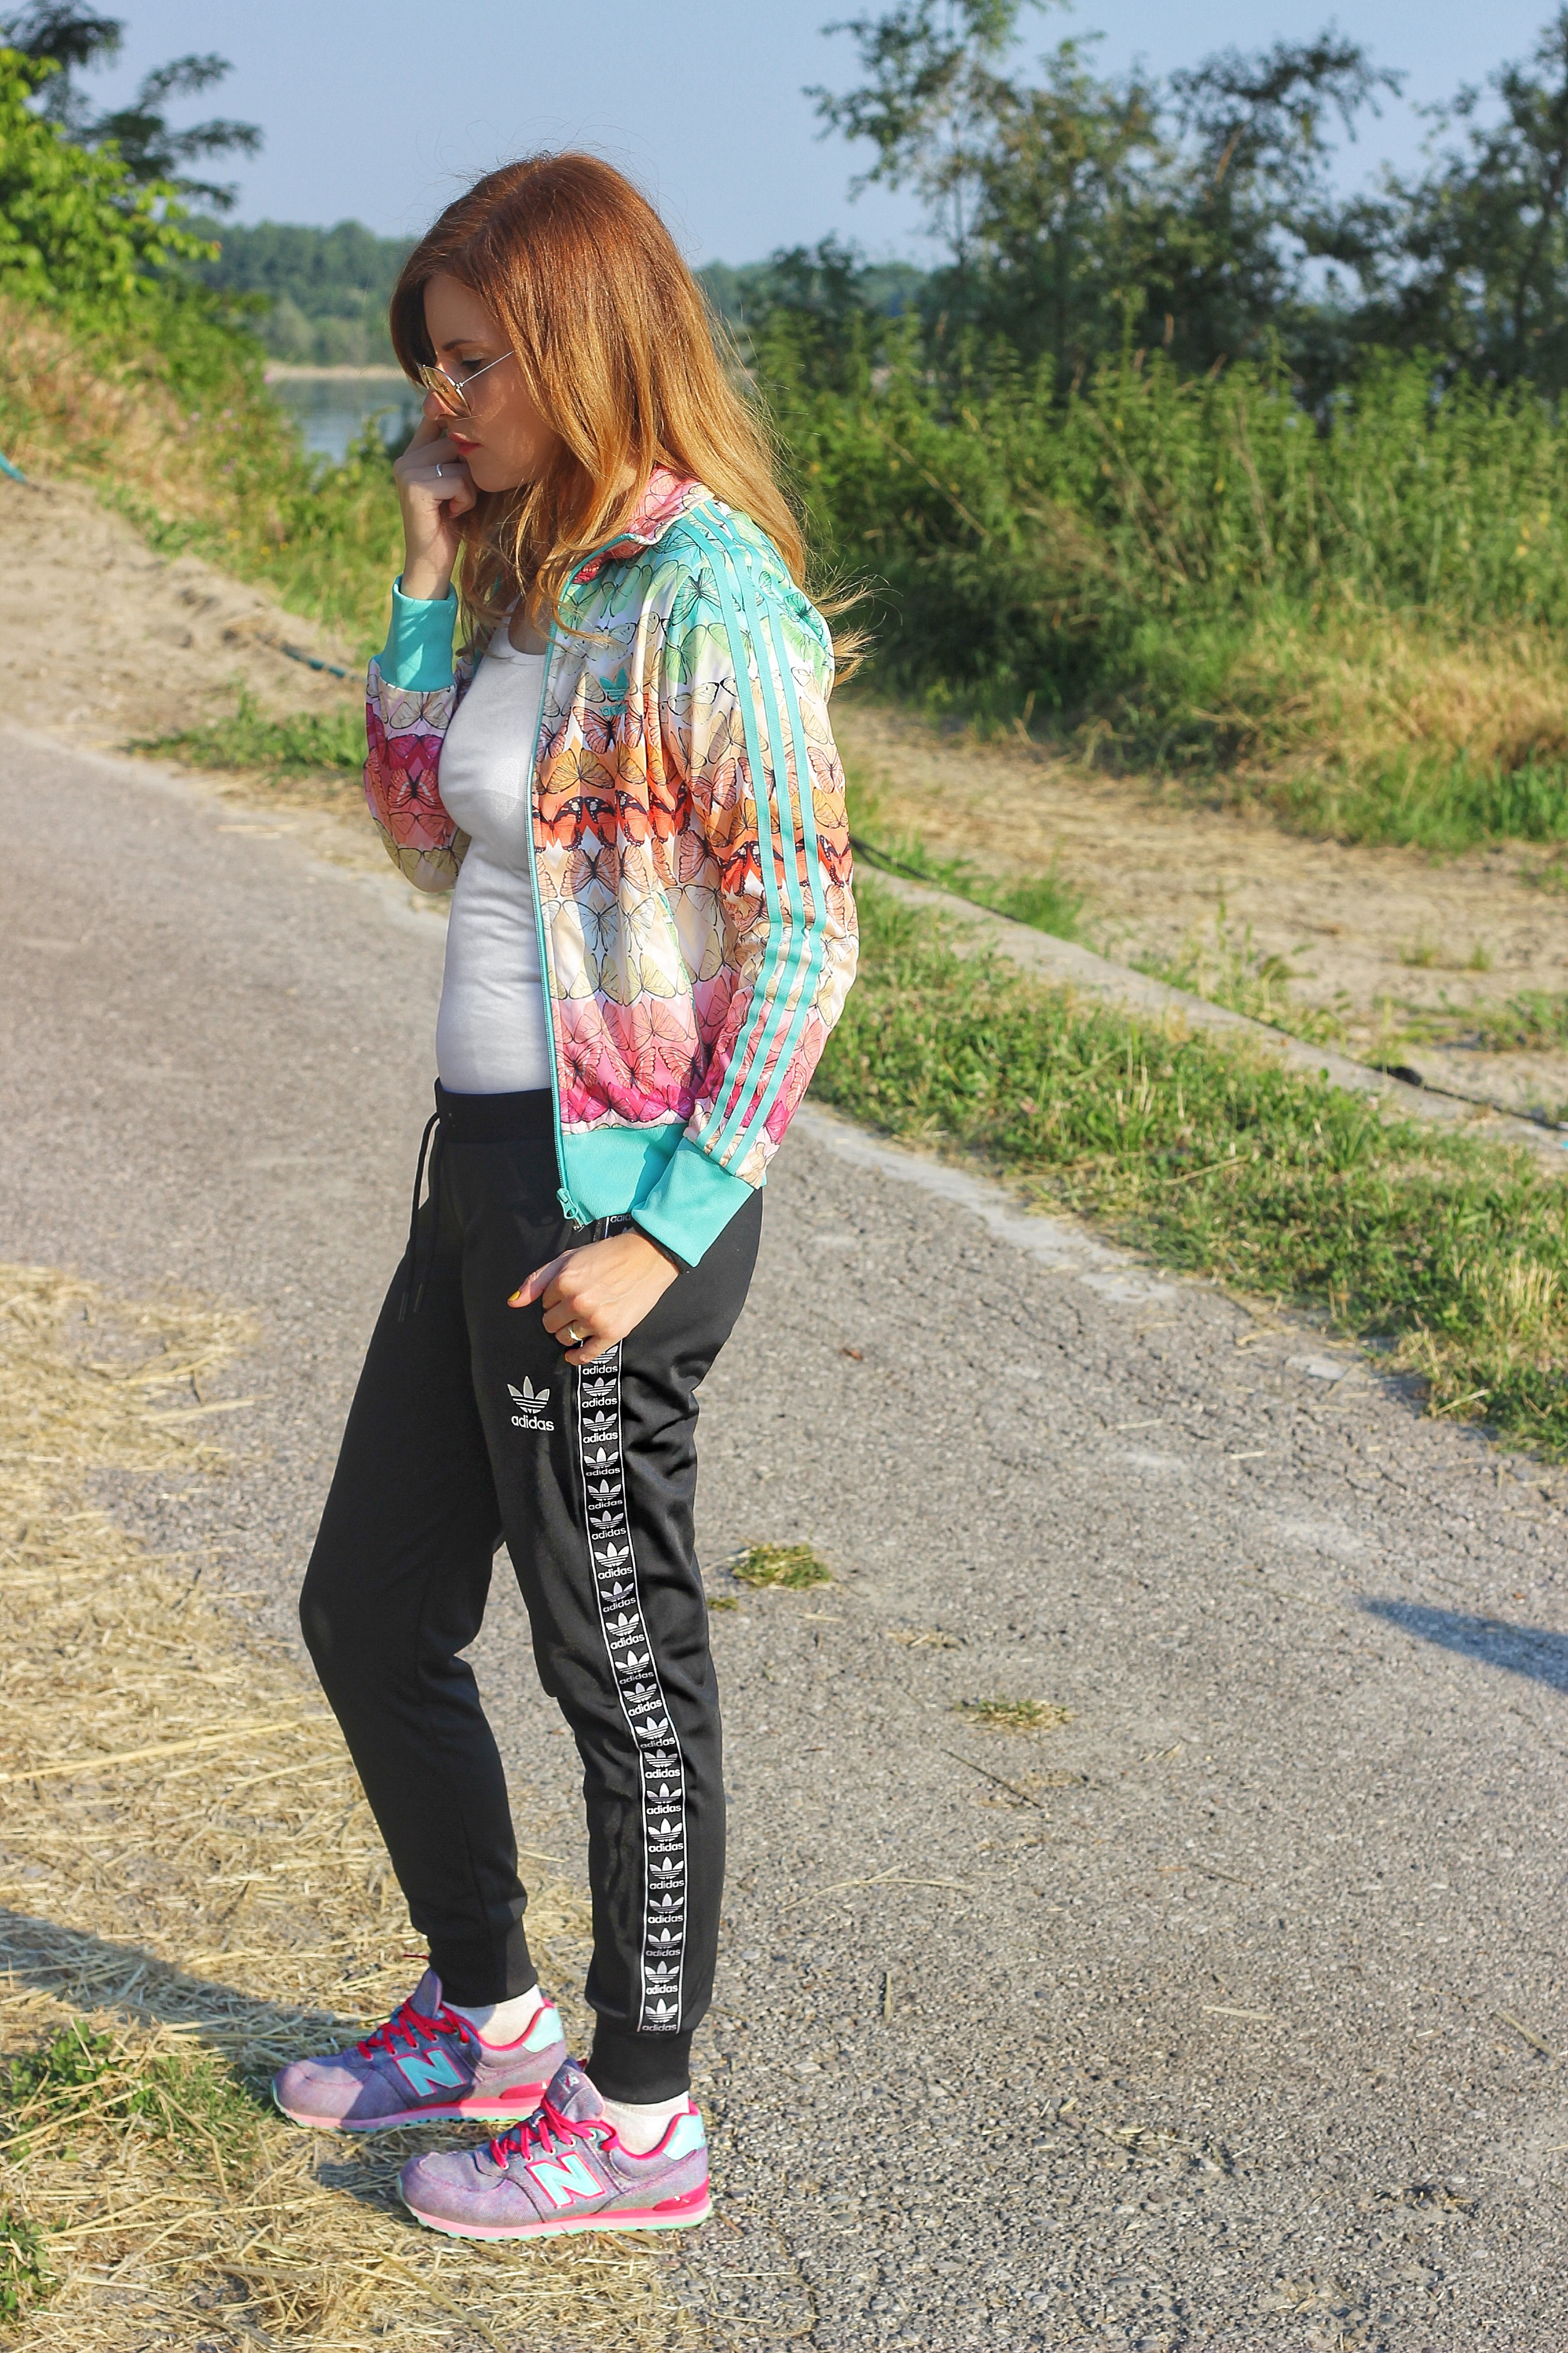 Adidas Tuta Borbofresh jdsports italia